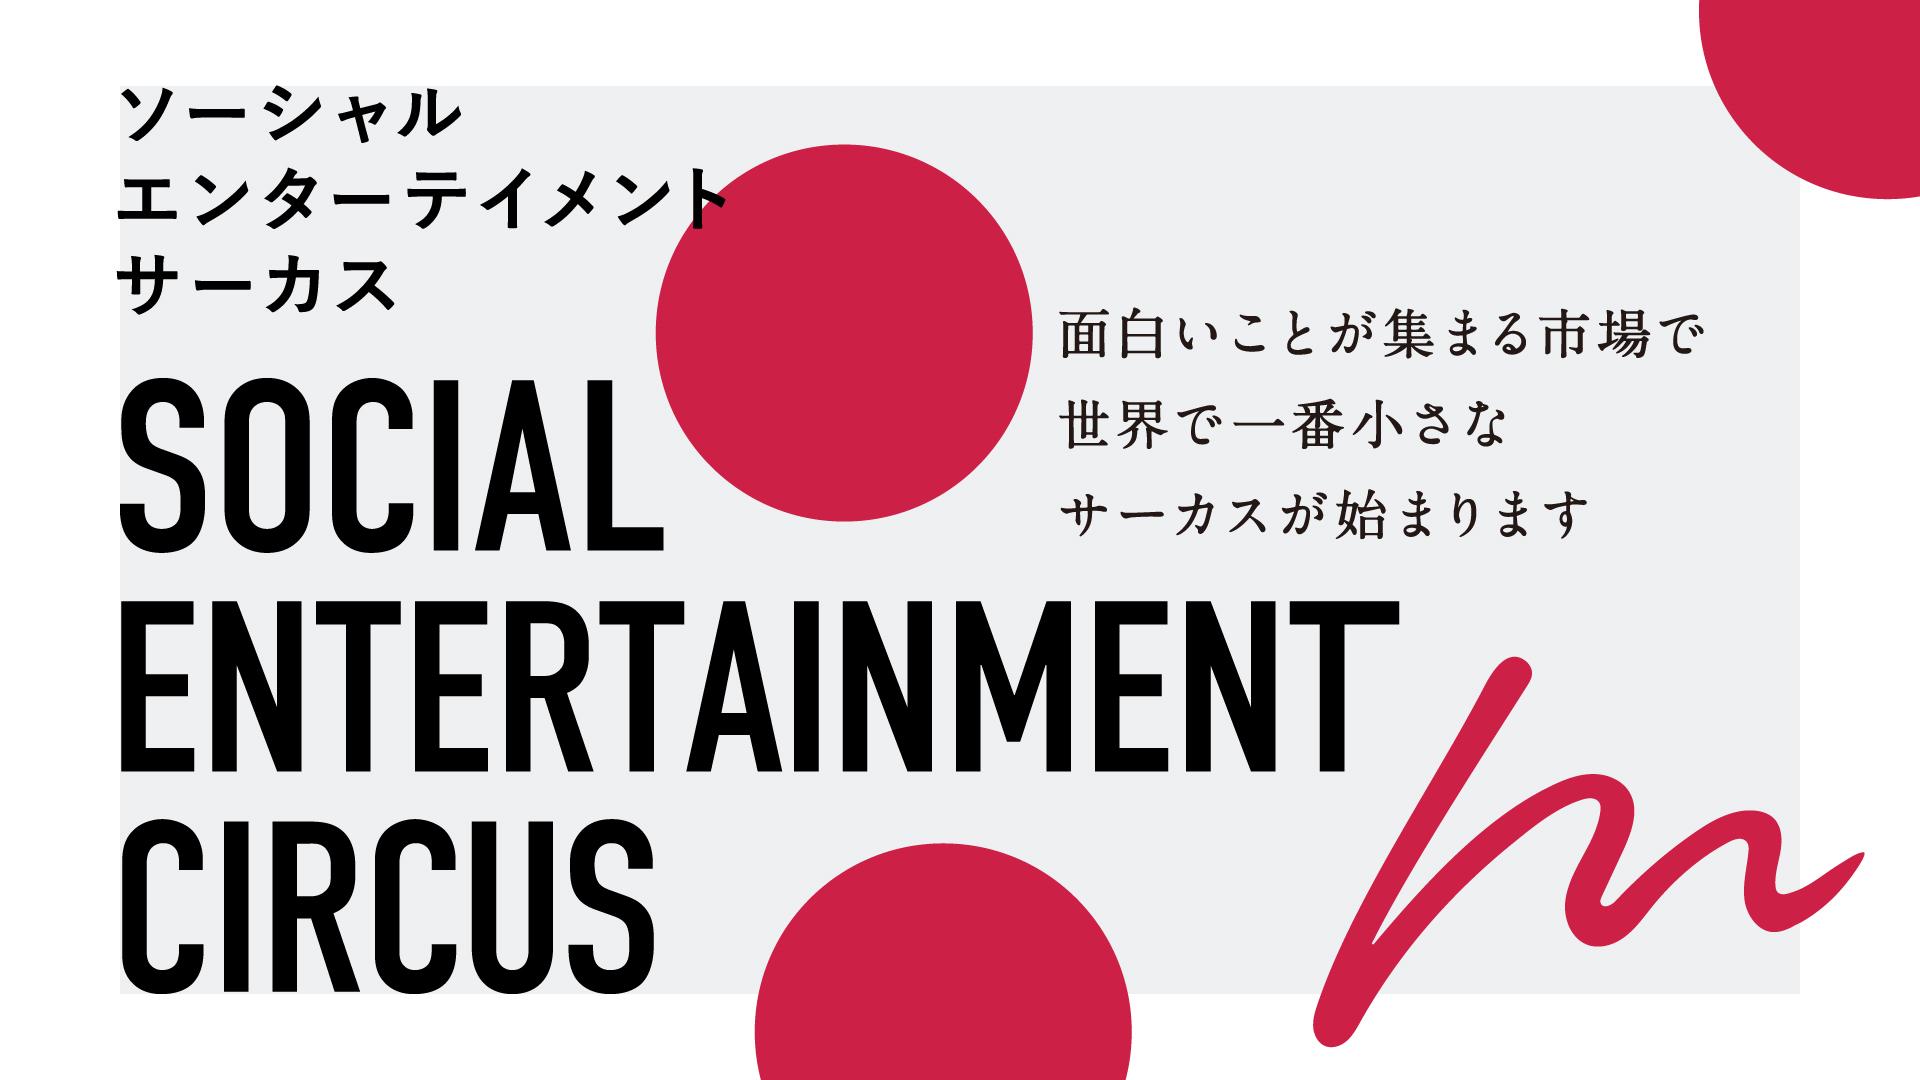 【Social Entertainment Circus 〜面白いことが集まる市場で 世界で一番小さなサーカスが始まります〜】のイメージ画像